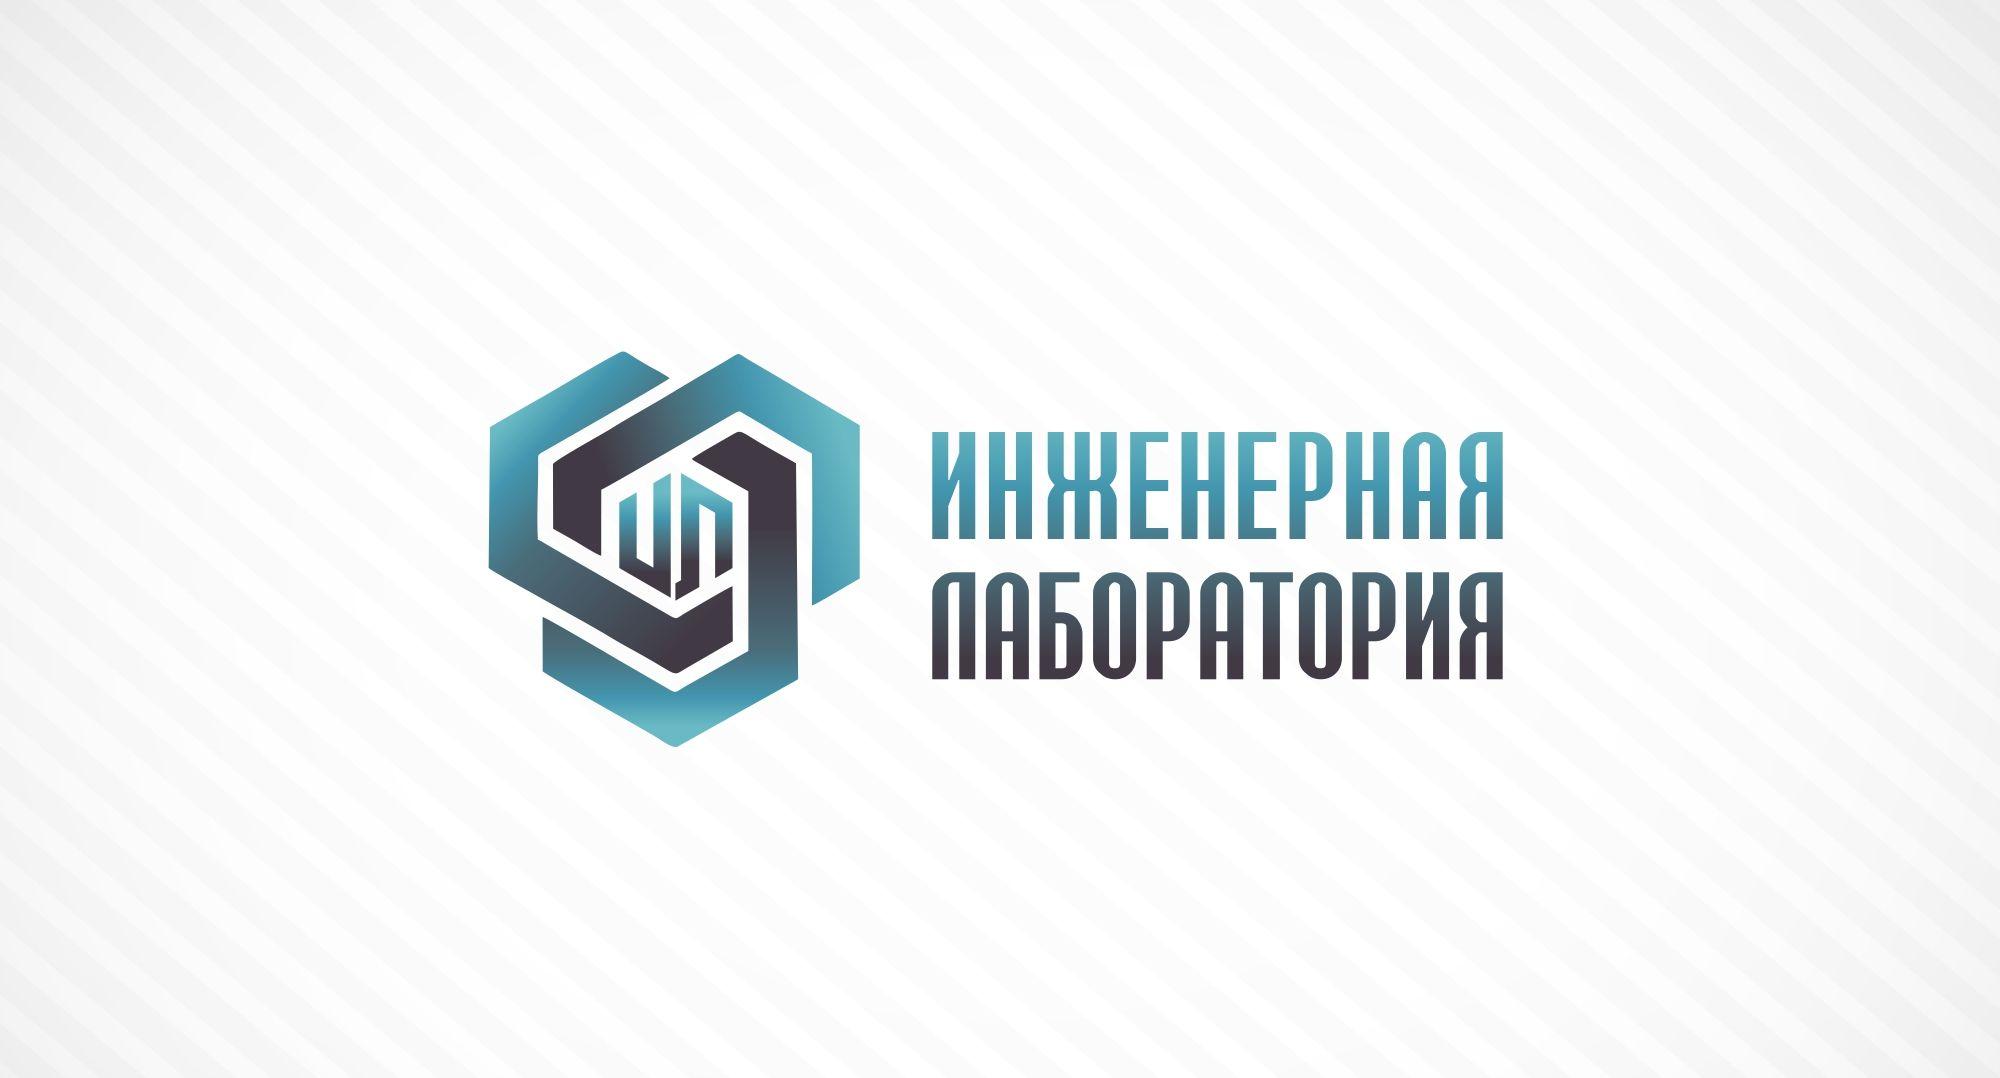 Лого и фирменный стиль для Инженерная лаборатория  - дизайнер irix_26